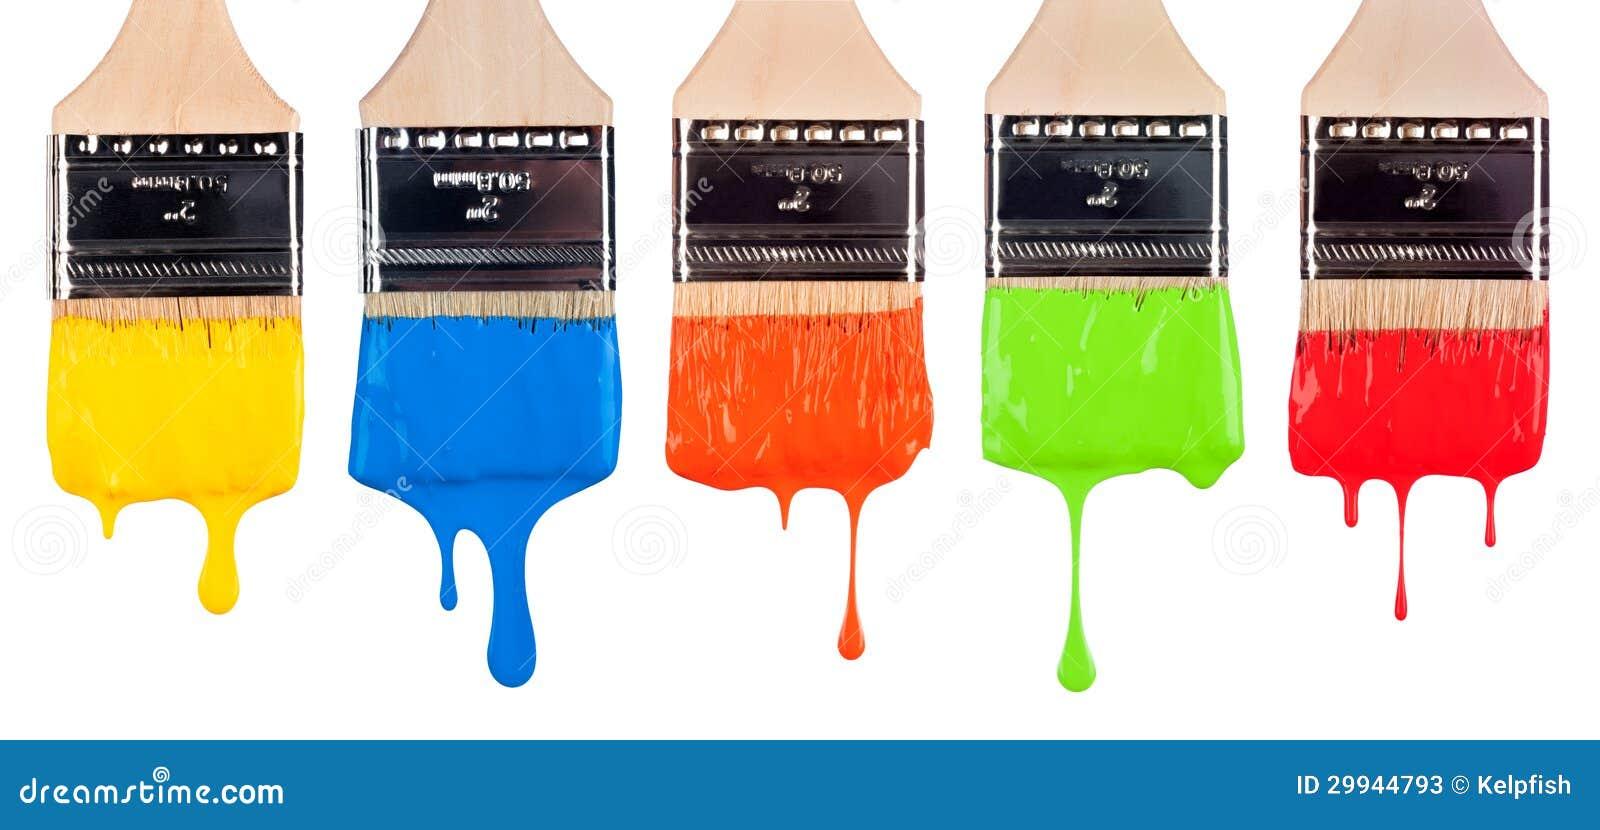 Can You Paint Polypropylene